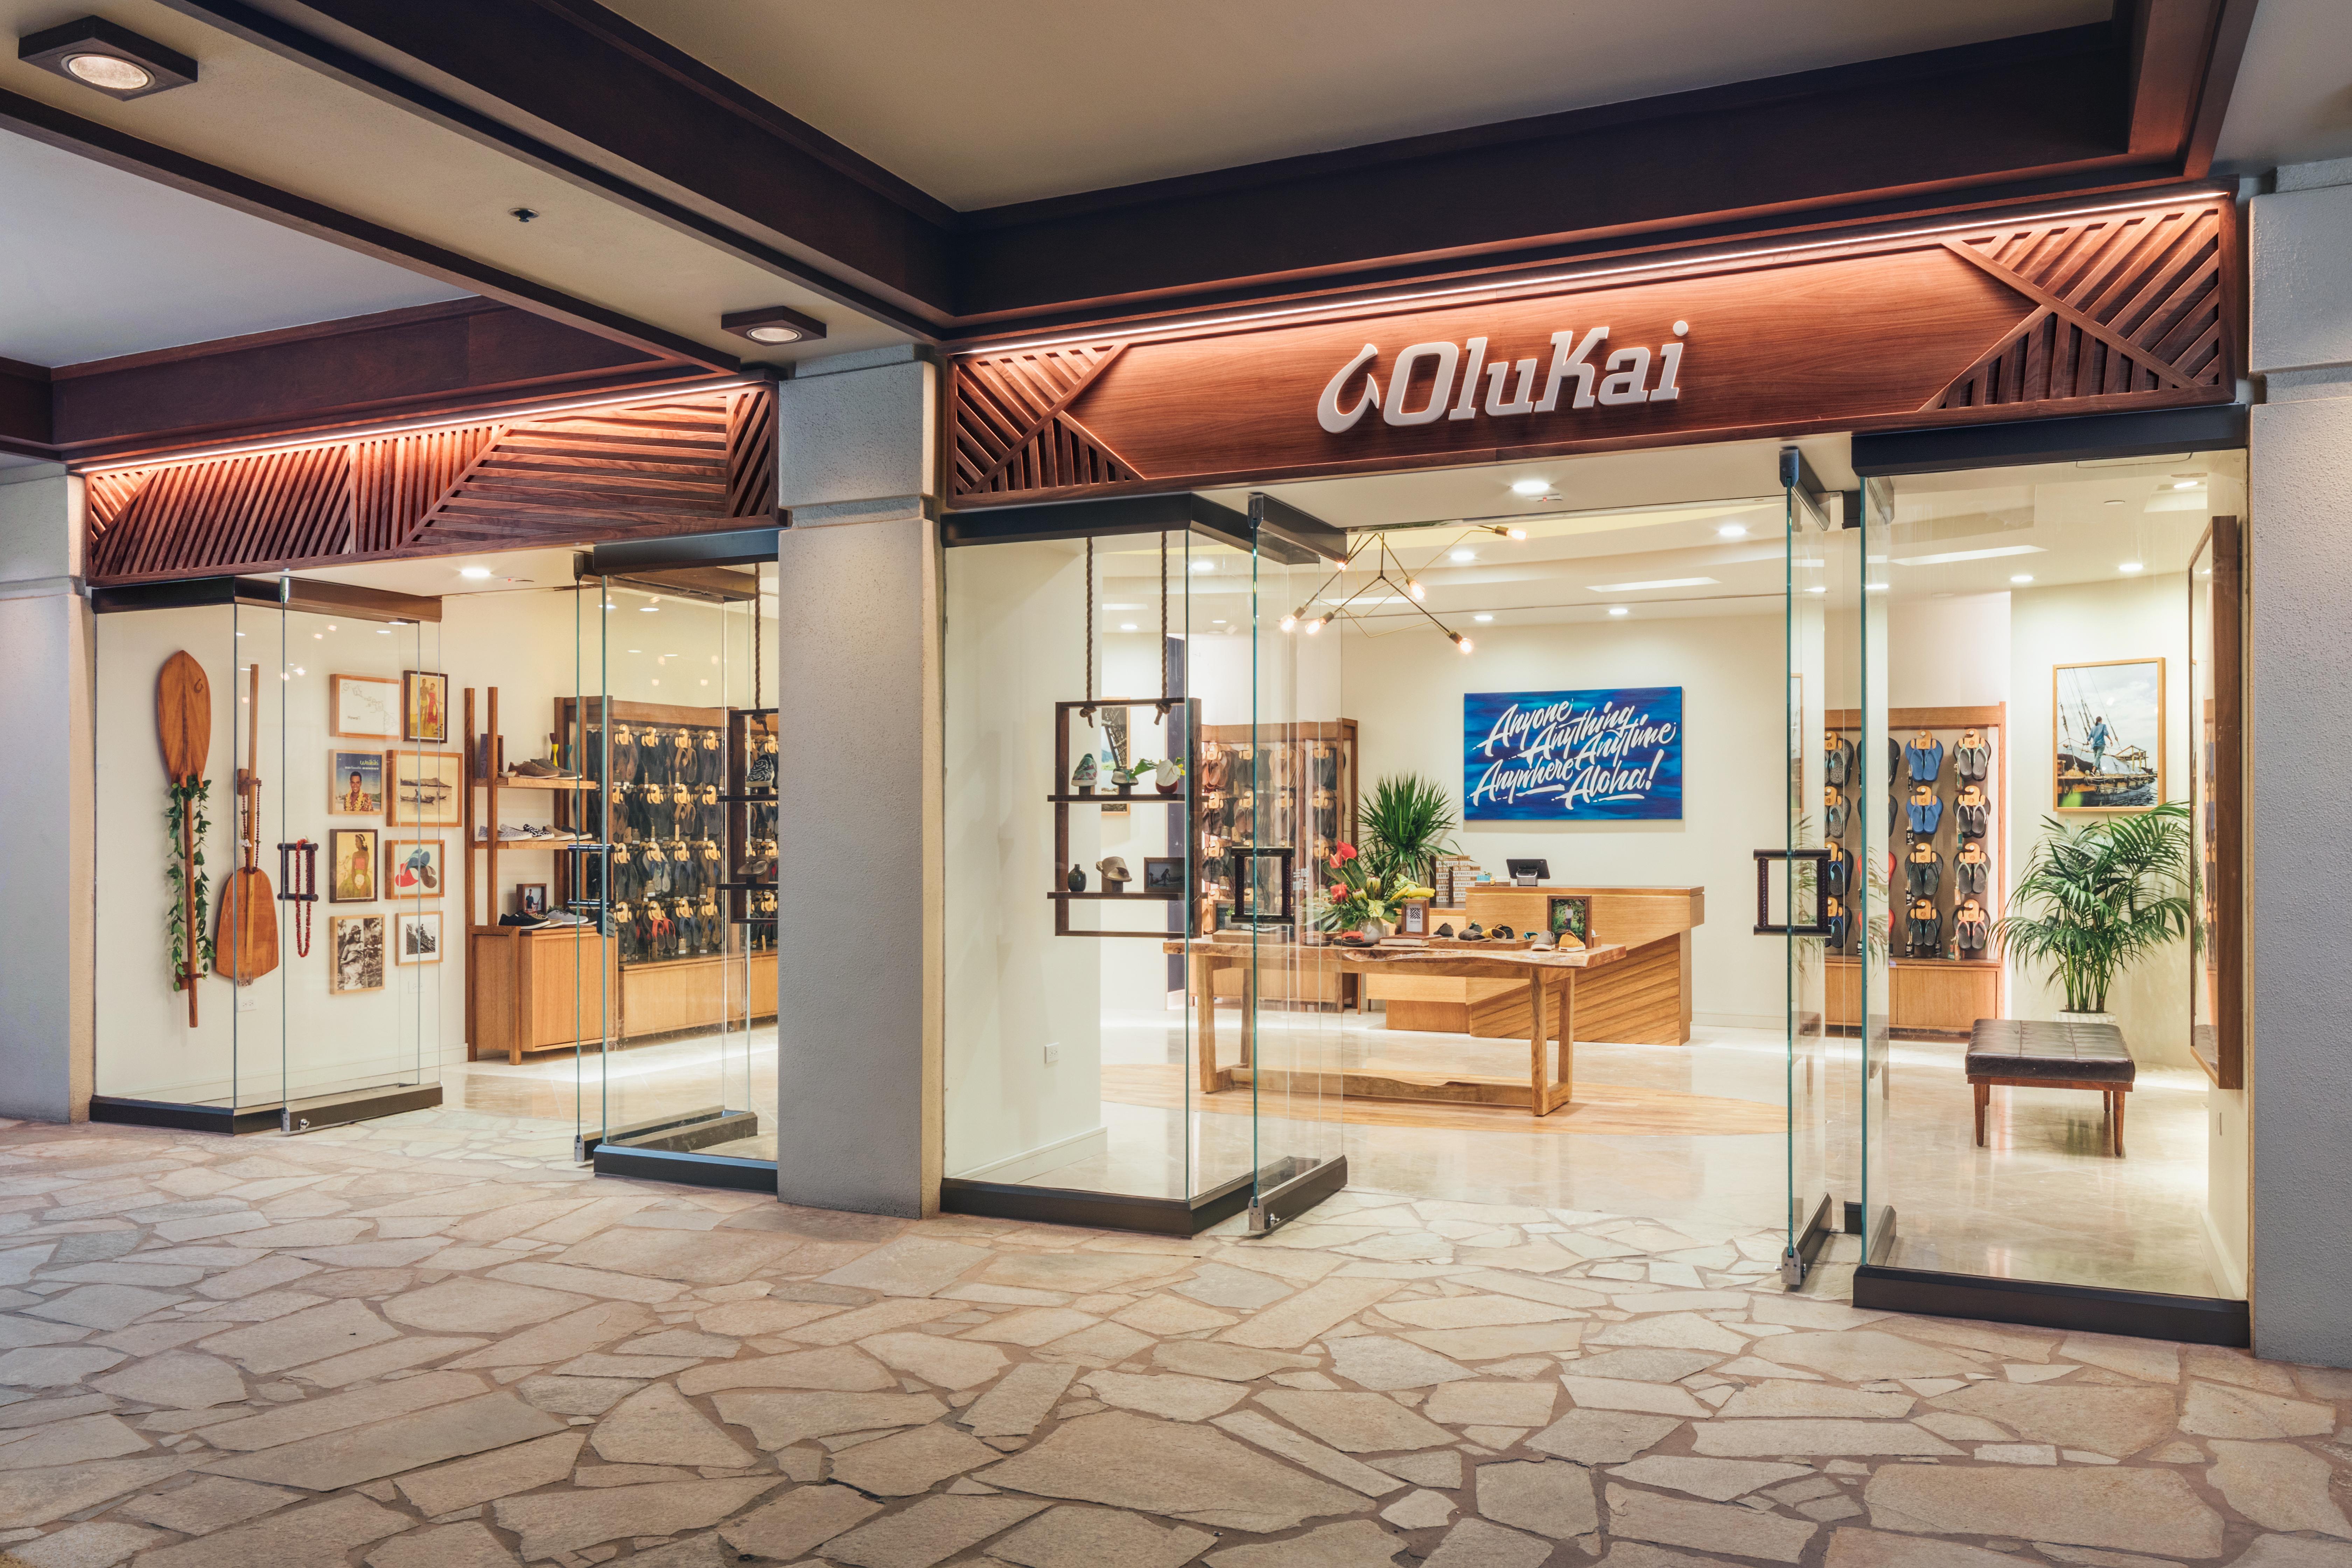 desktop OluKai Hilton Hawaiian Village Store Front